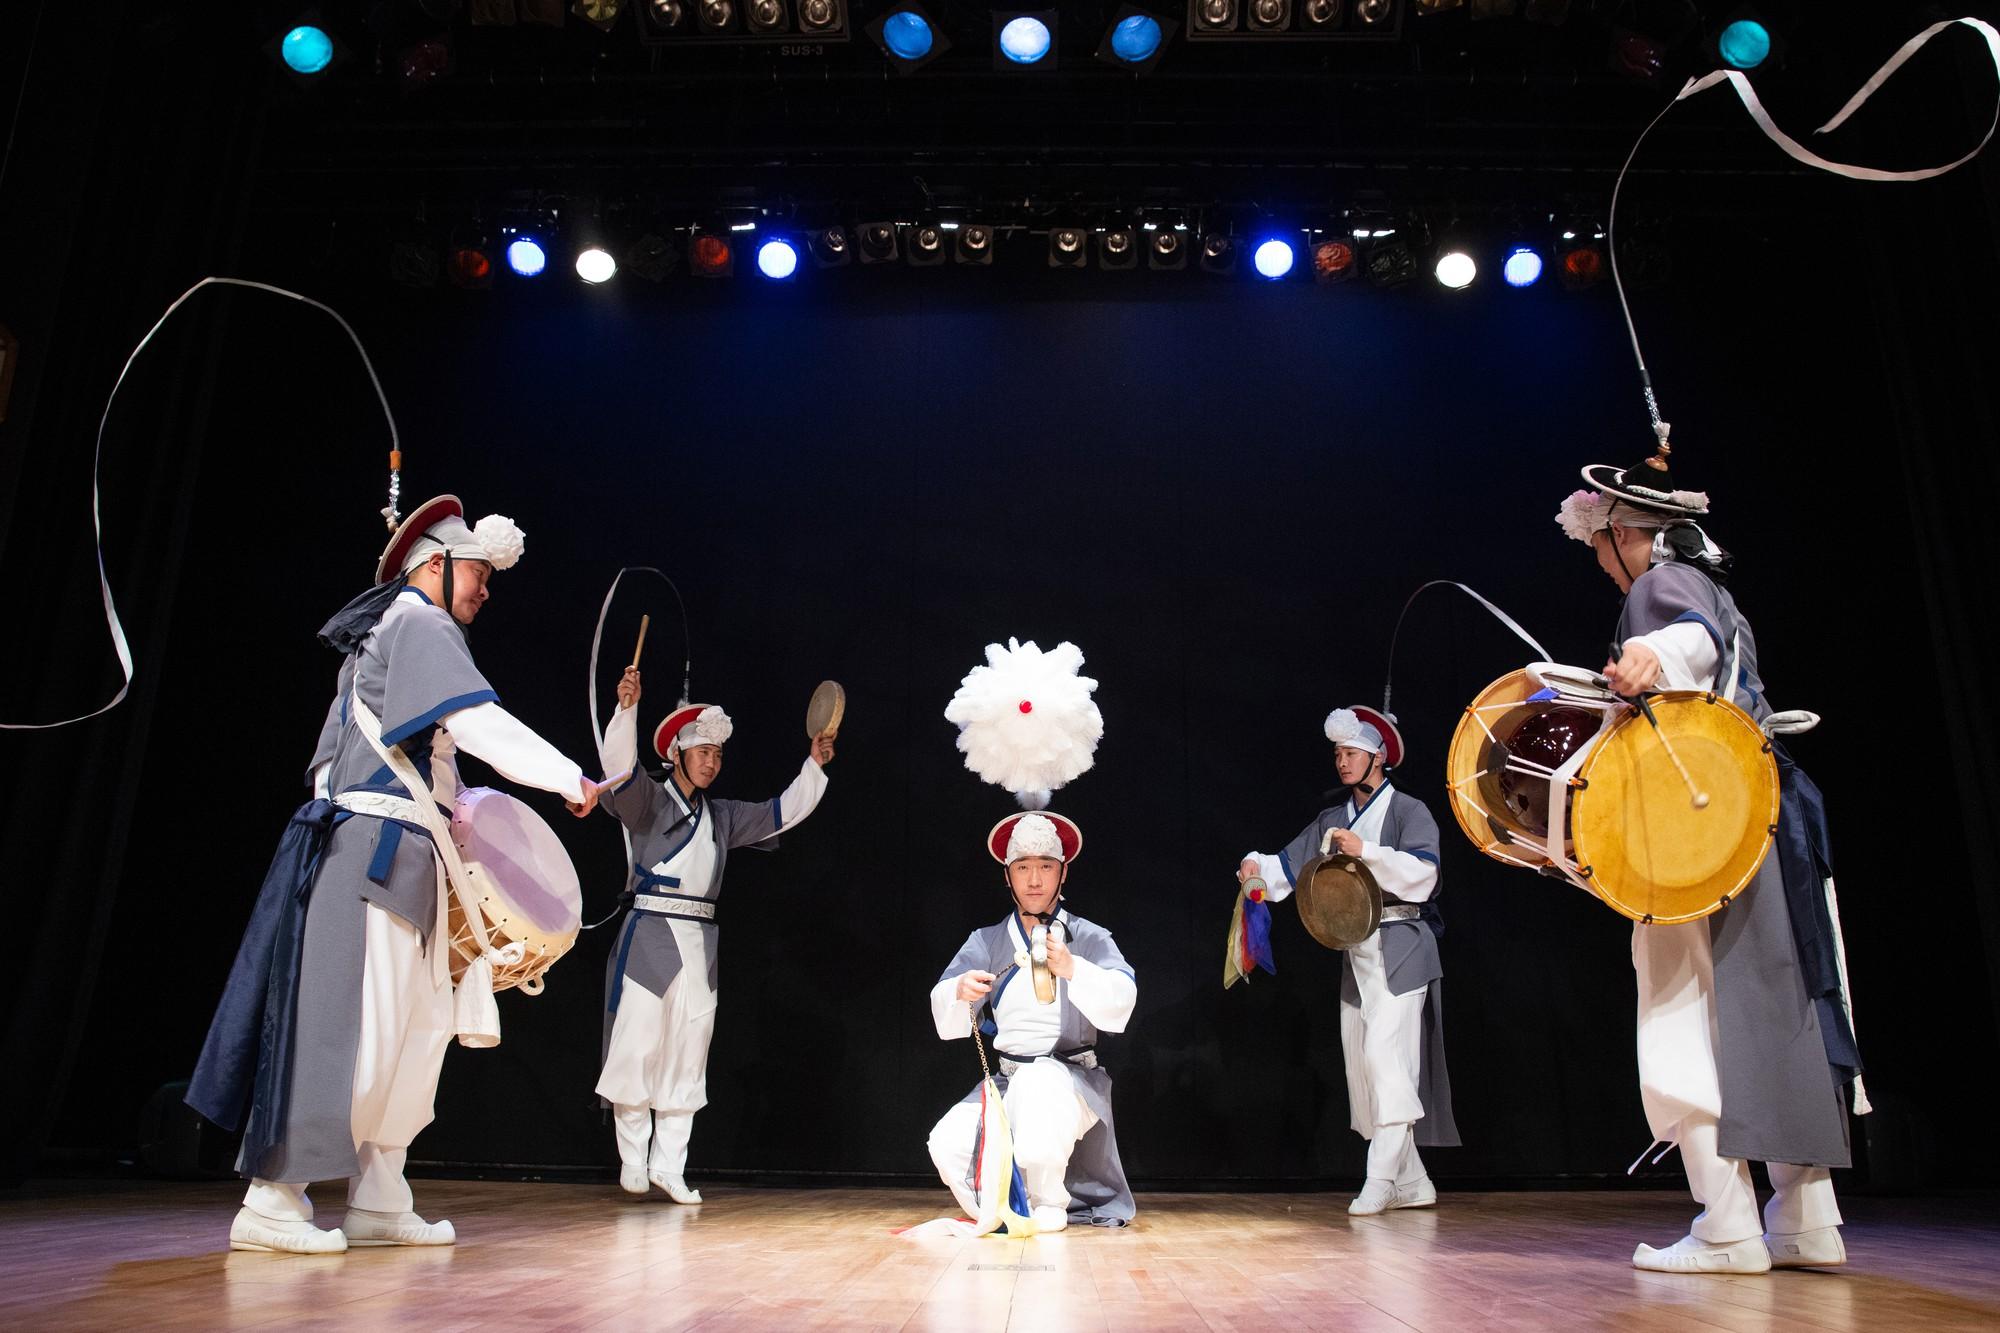 Đoàn nghệ thuật truyền thống Inpungnyu